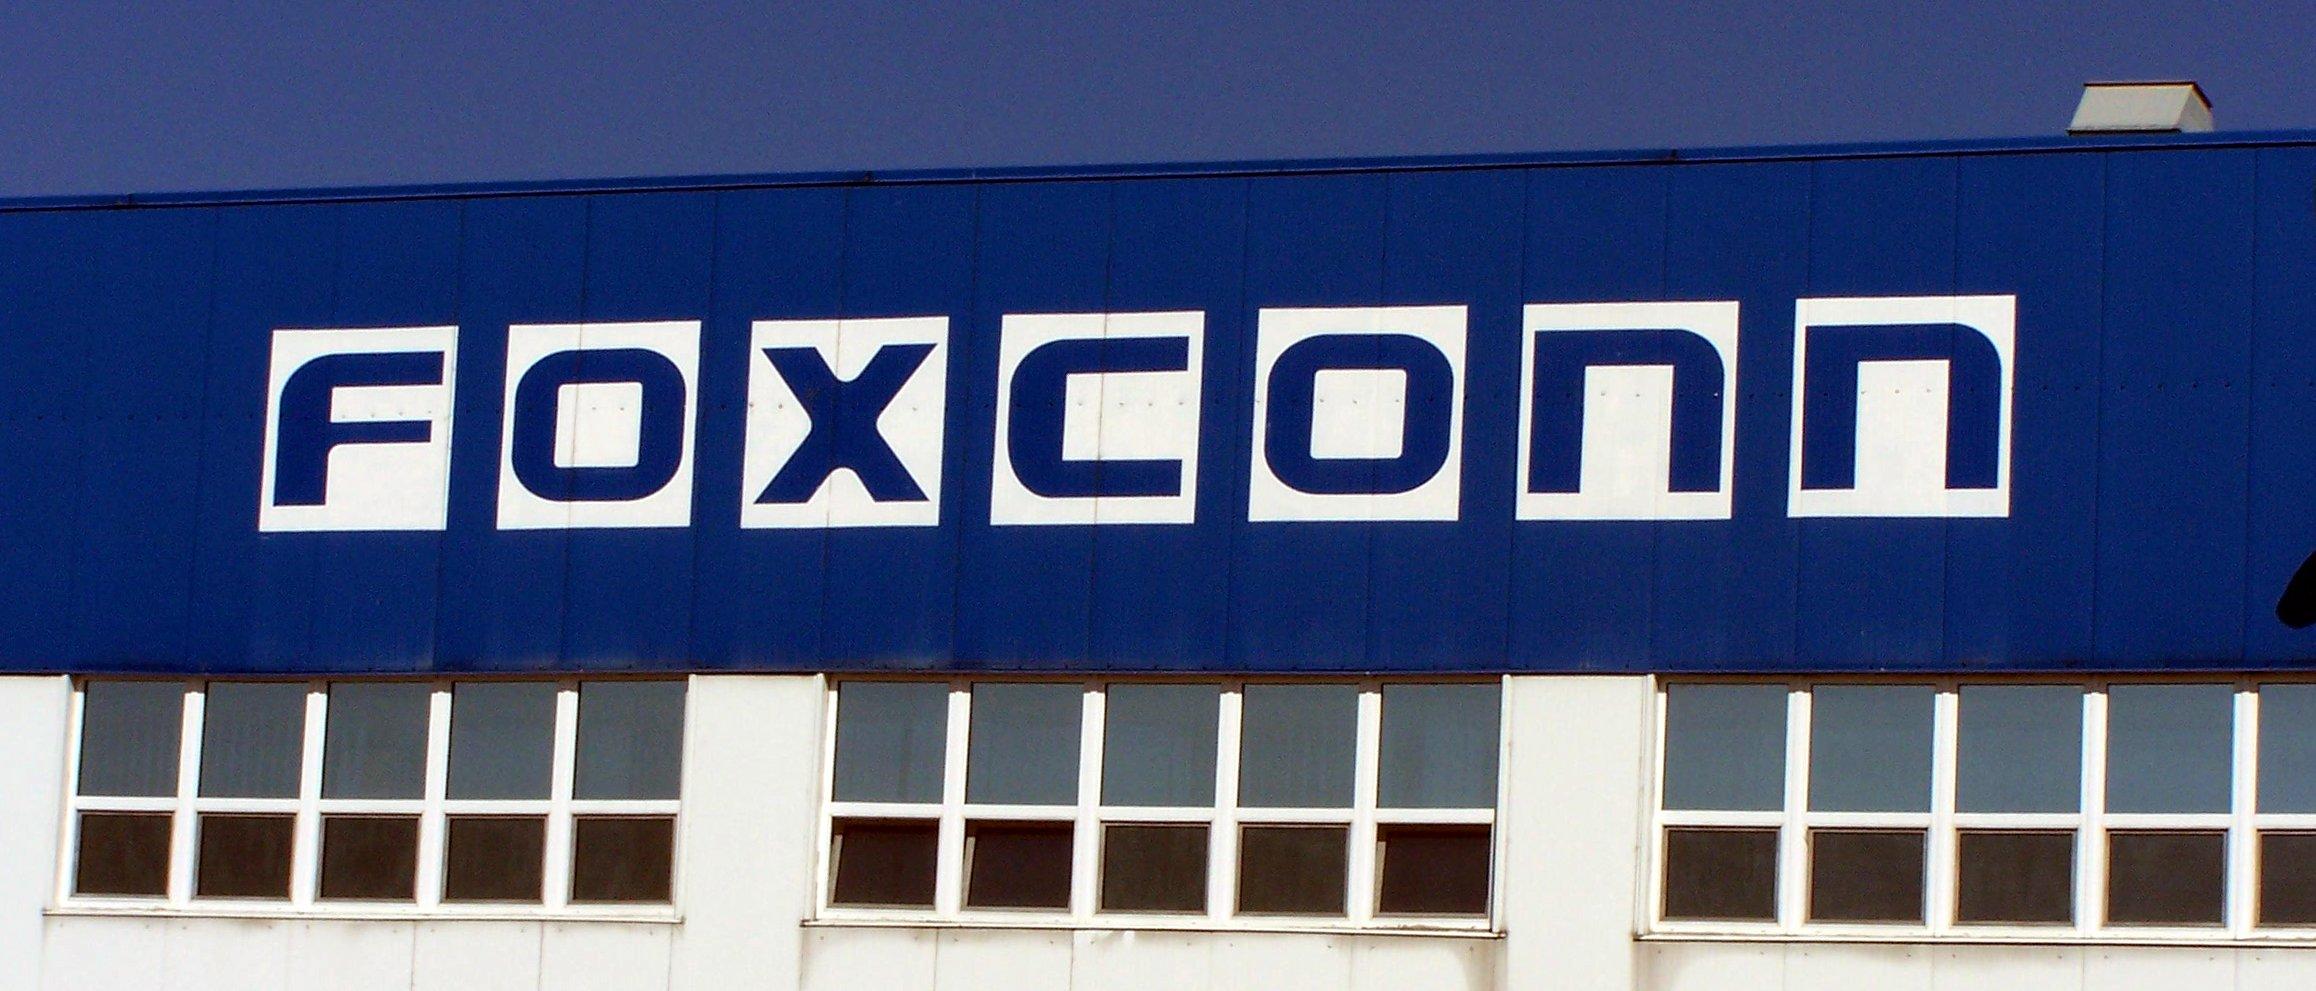 Foxconn-robot-2